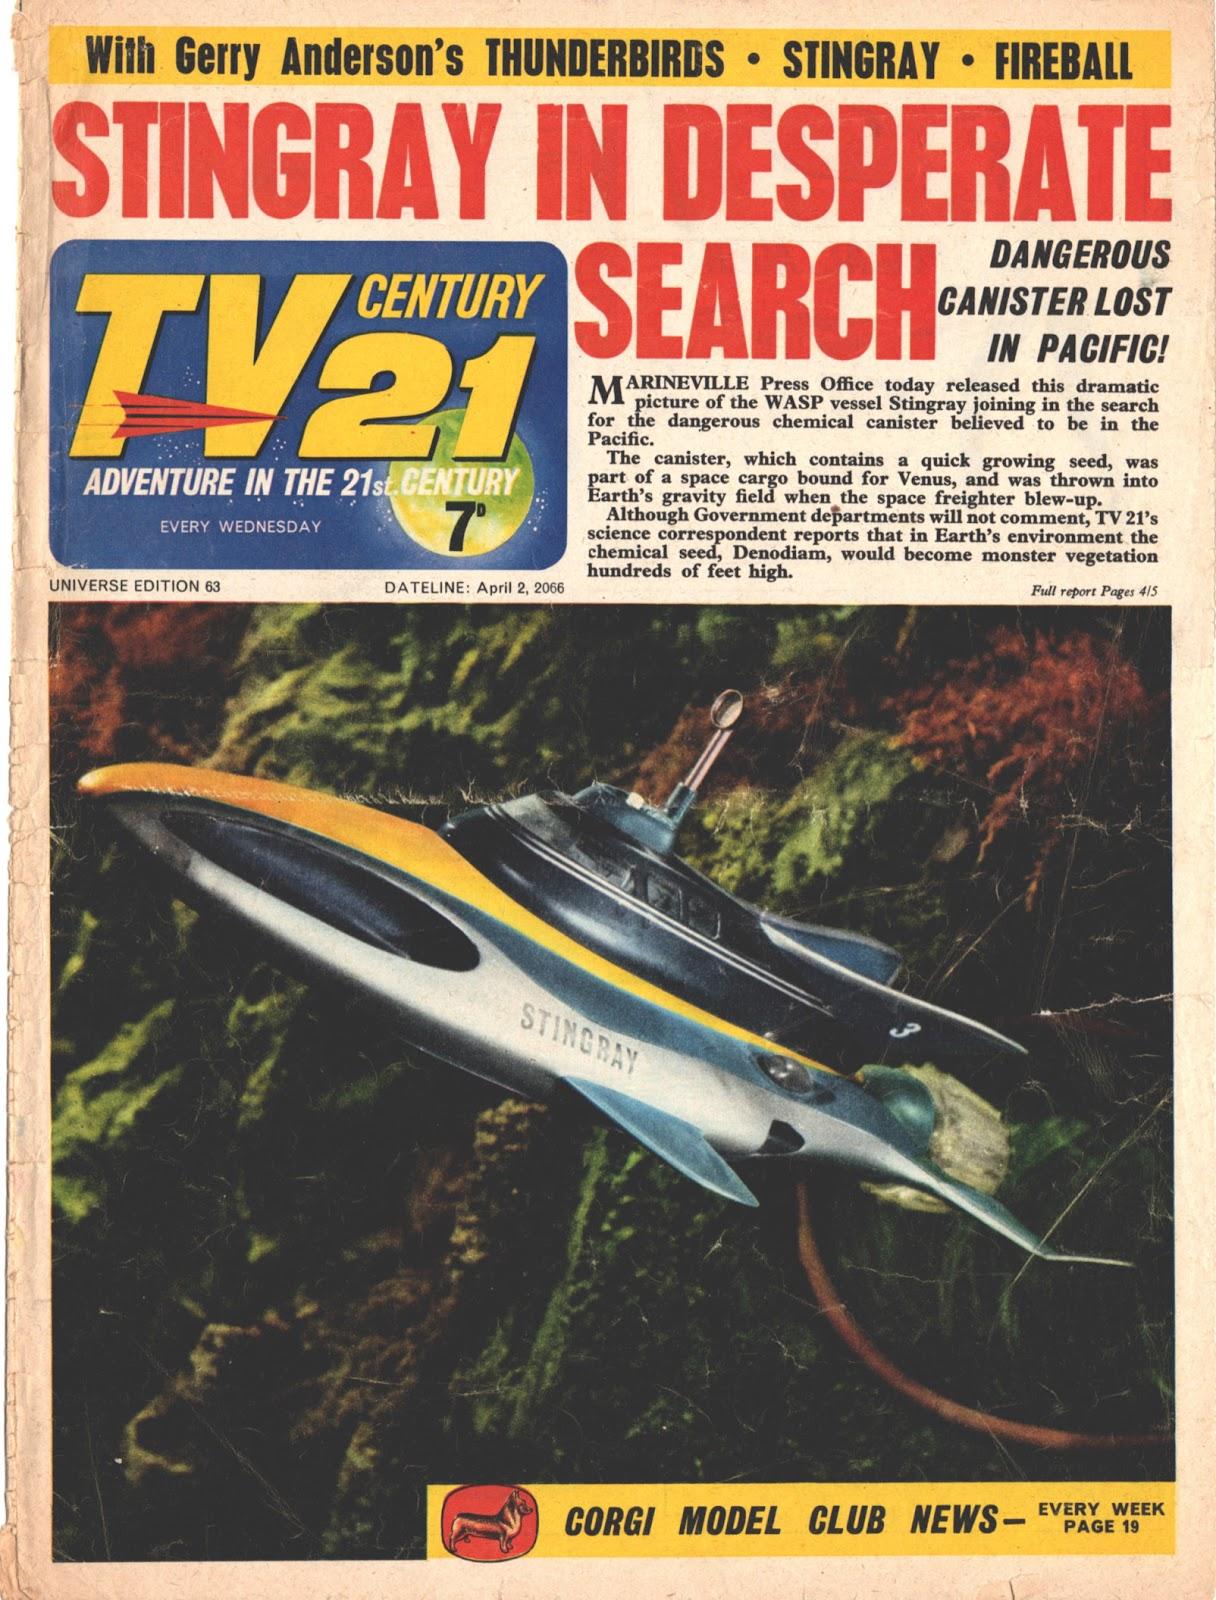 TV Century 21 (TV 21) 63 Page 1